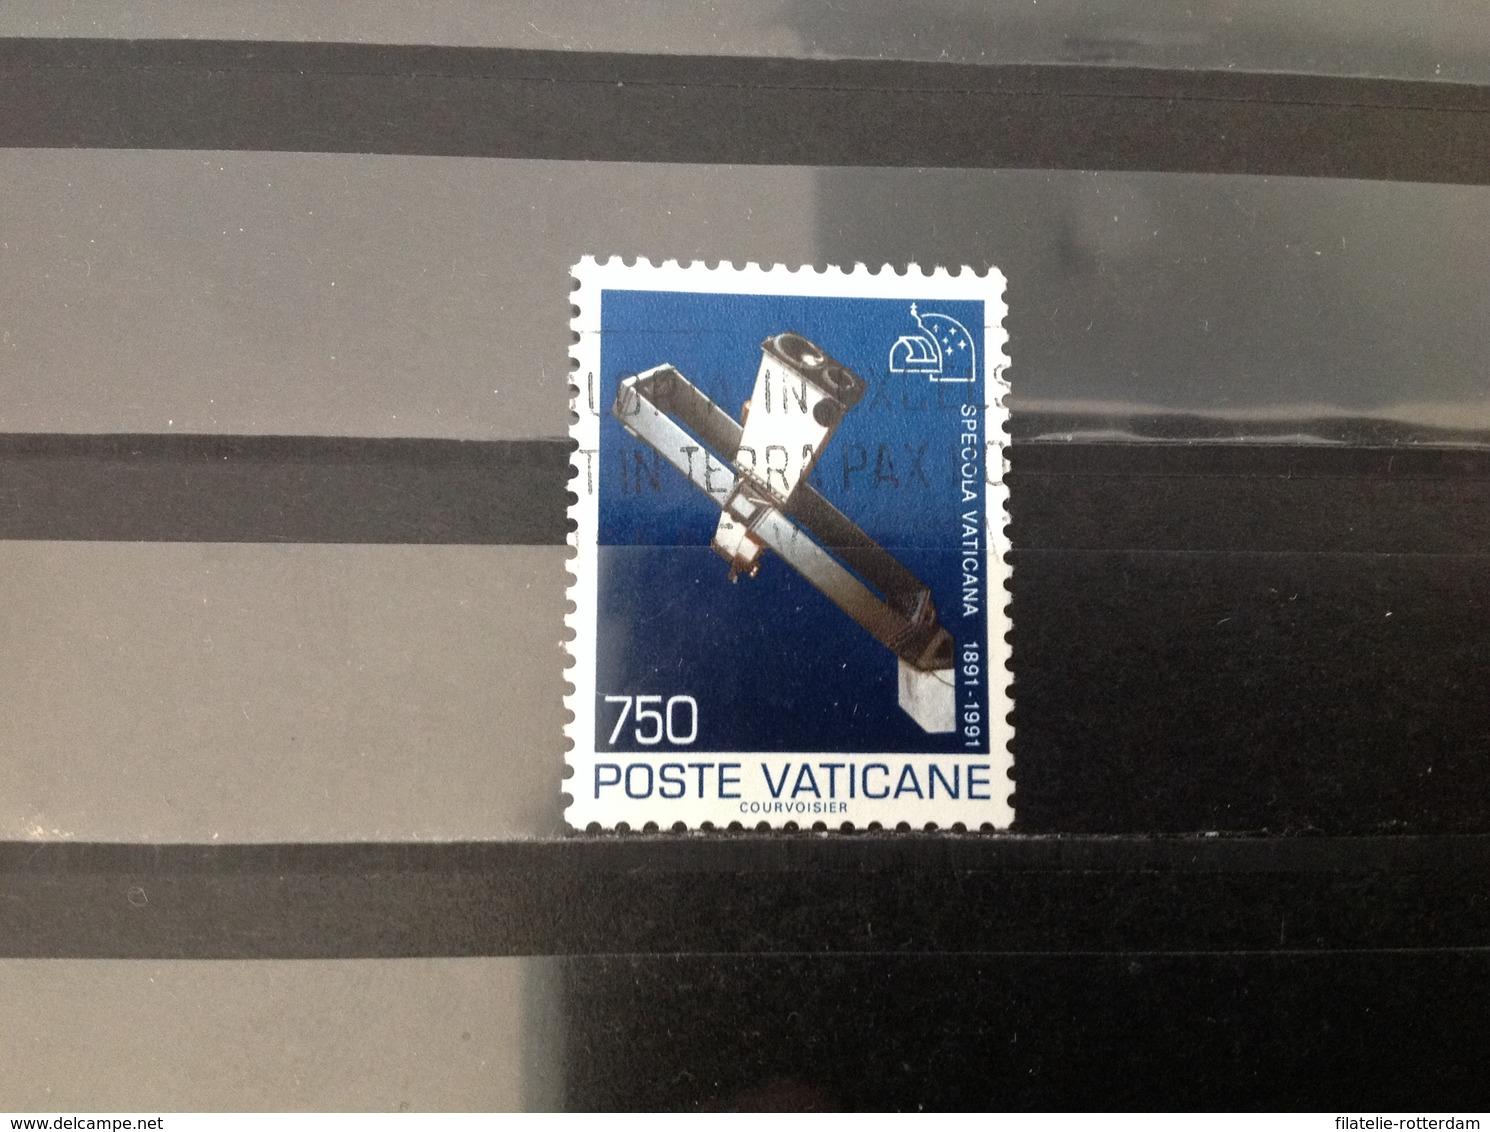 Vaticaanstad / Vatican City - Sterrenwacht (750) 1991 - Gebruikt